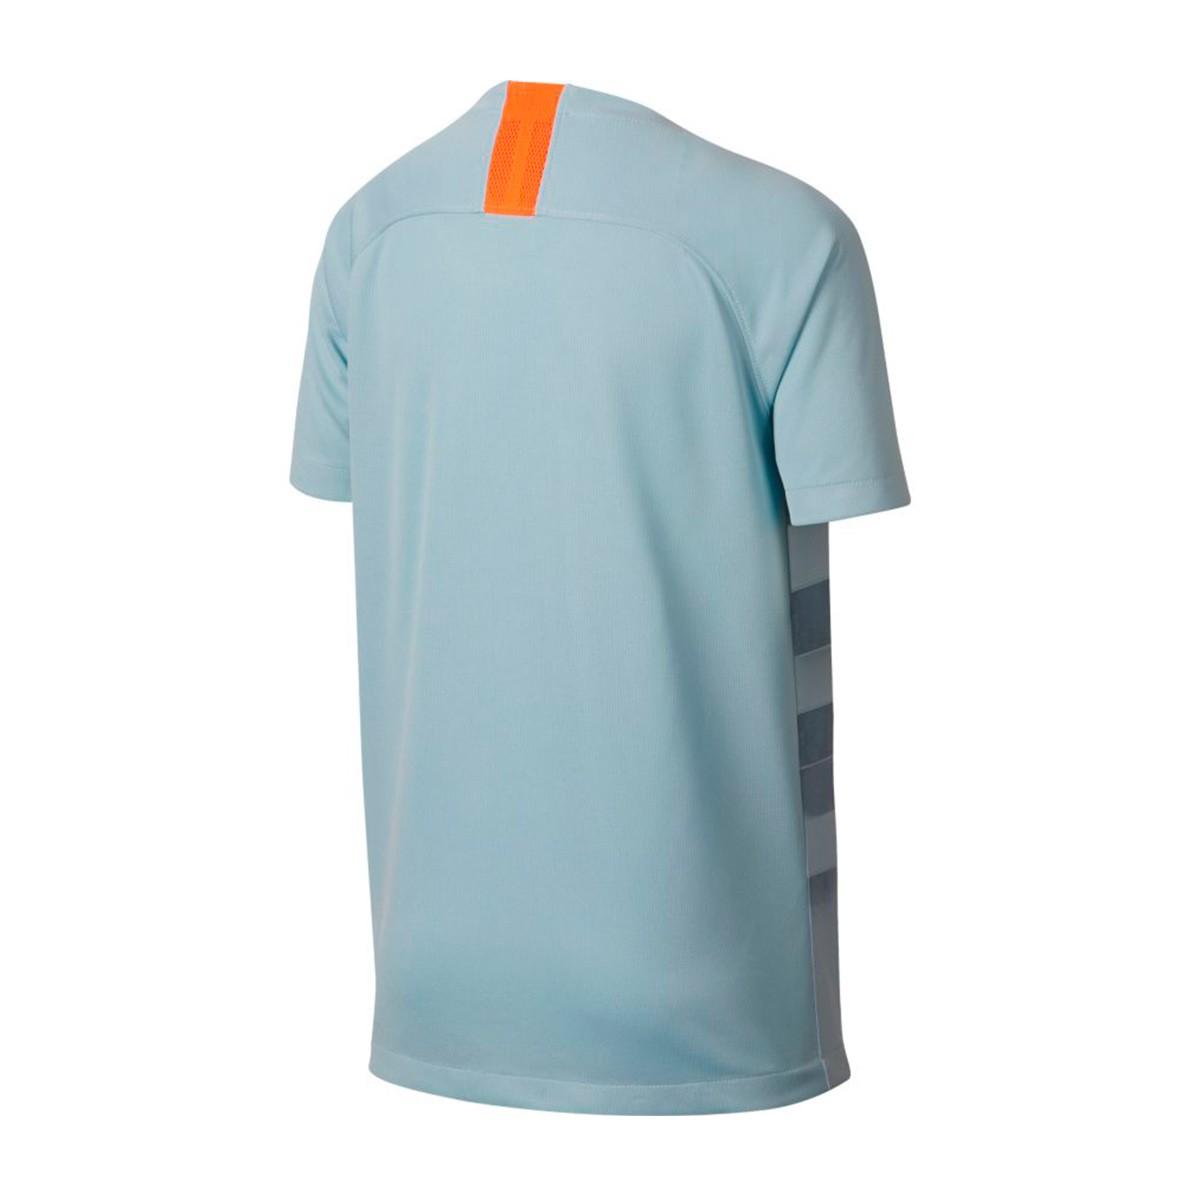 Camiseta Nike Chelsea FC Stadium Tercera Equipación 2018-2019 Niño Ocean  bliss-Metallic silver - Soloporteros es ahora Fútbol Emotion 78bcb552f0183